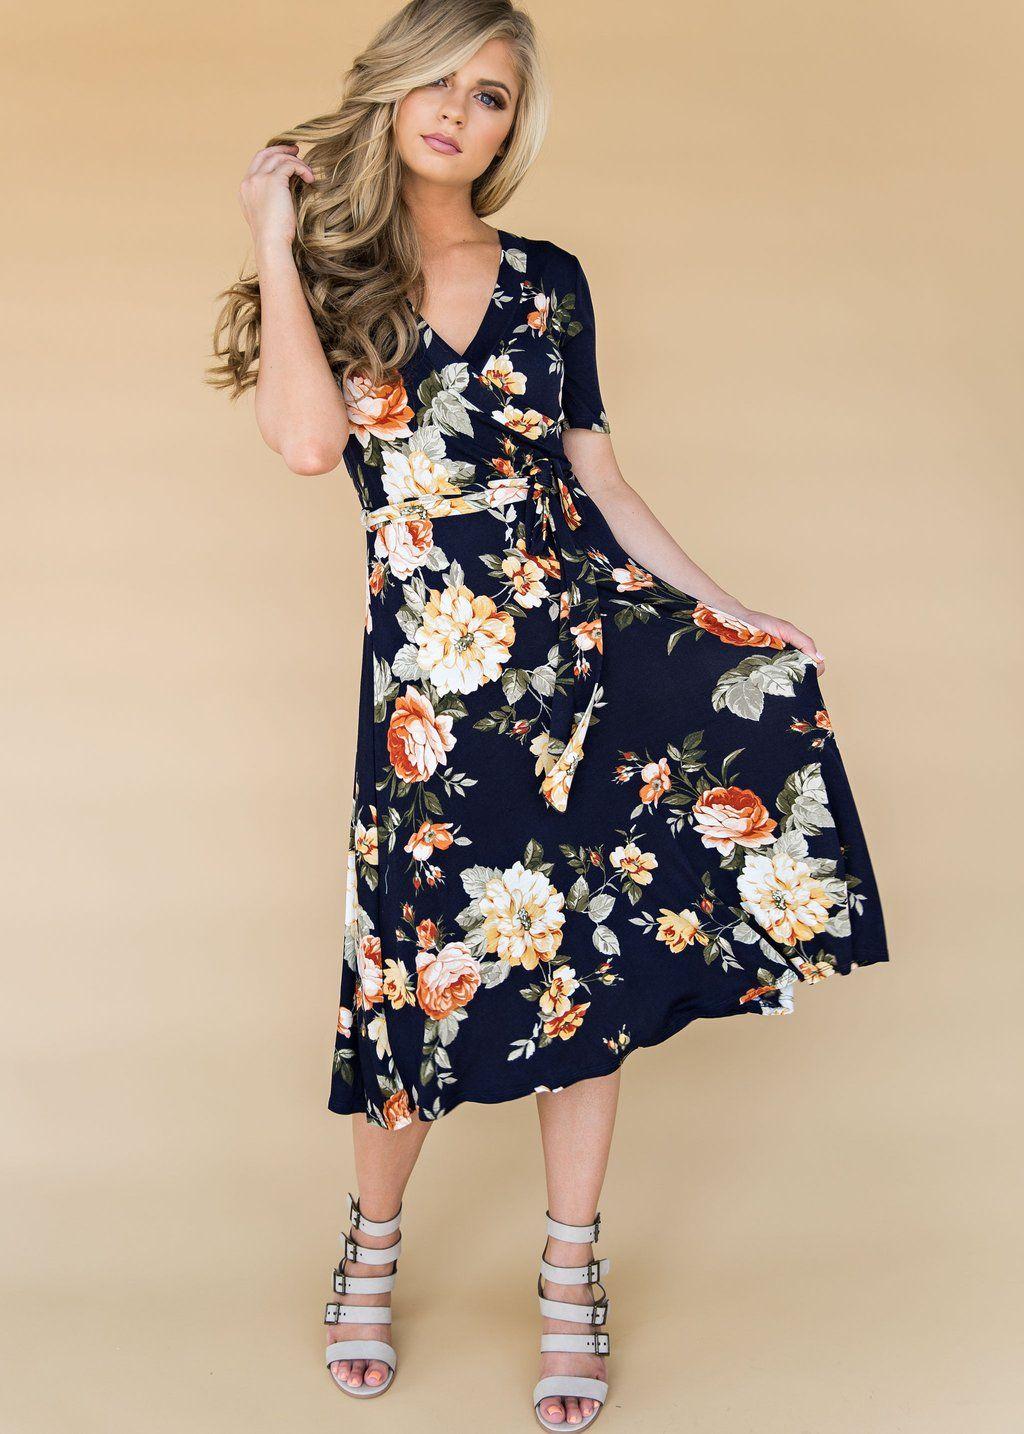 Navy Liya Wrap Floral Fashion Style Floral Dress Nursing Friendly Dress Wrap Dress Floral Print Blonde Hair Hair Nursing Friendly Dress Fashion Dresses [ 1434 x 1024 Pixel ]